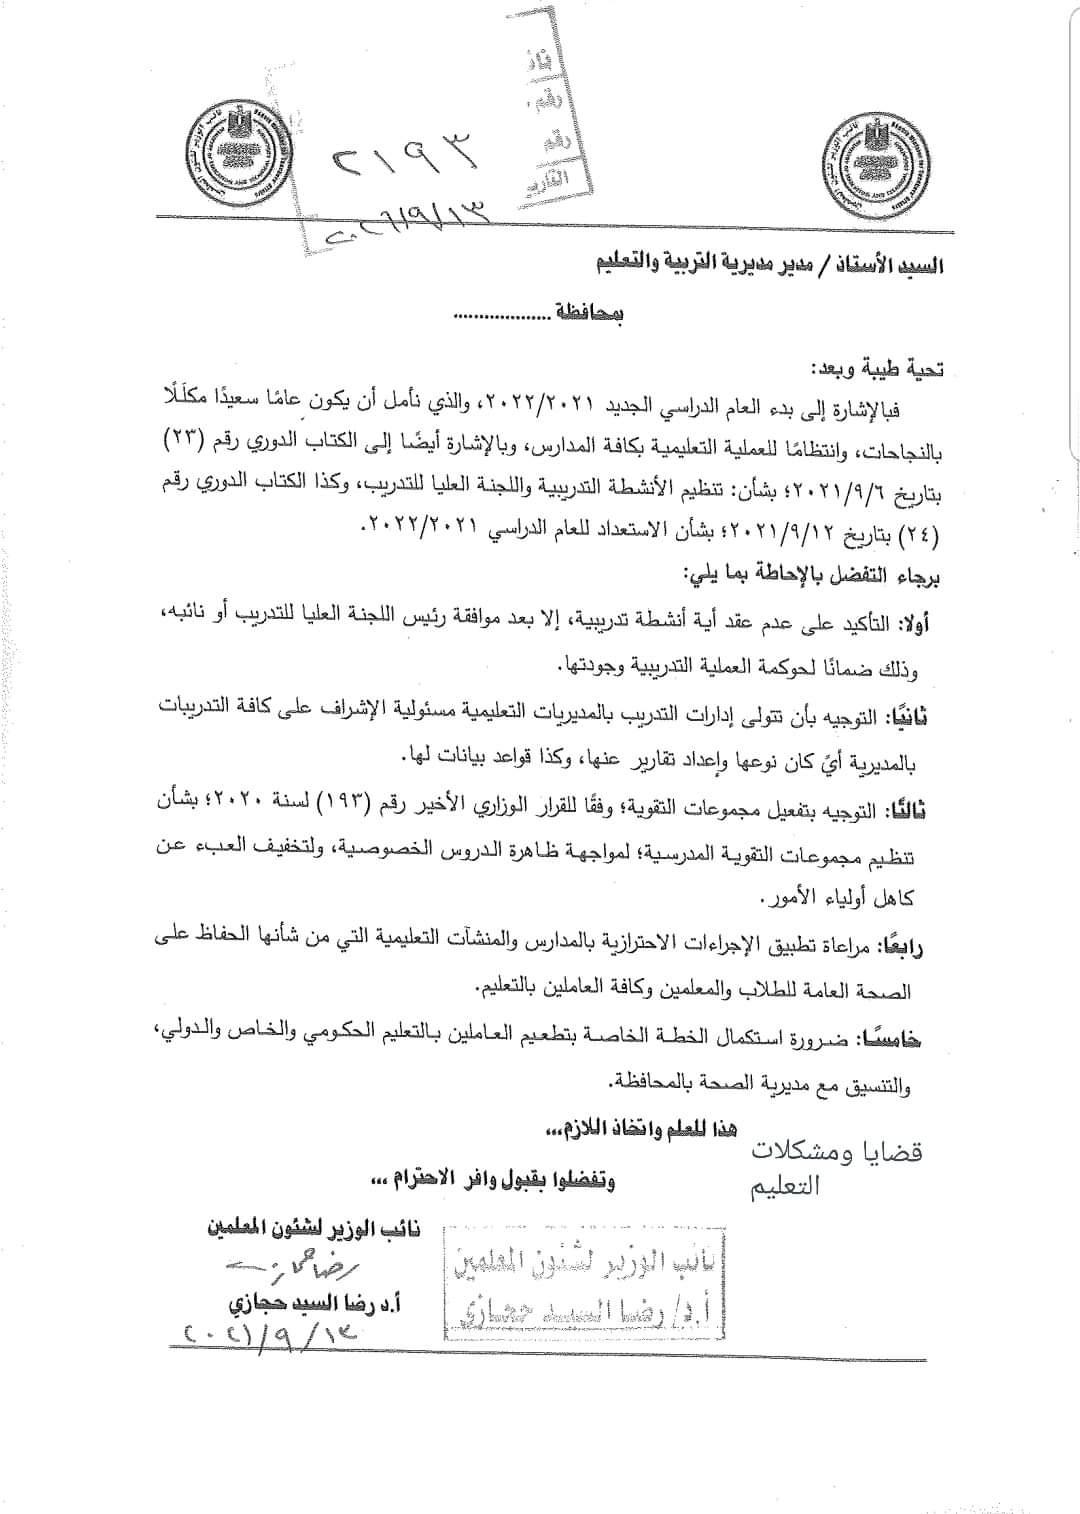 الكتاب الدوري رقم (٢٤) الصادر بتاريخ ٢٠٢١/٩/١٢ بشأن تعليمات العام الدراسي الجديد ٢٠٢٢/٢٠٢١ 7